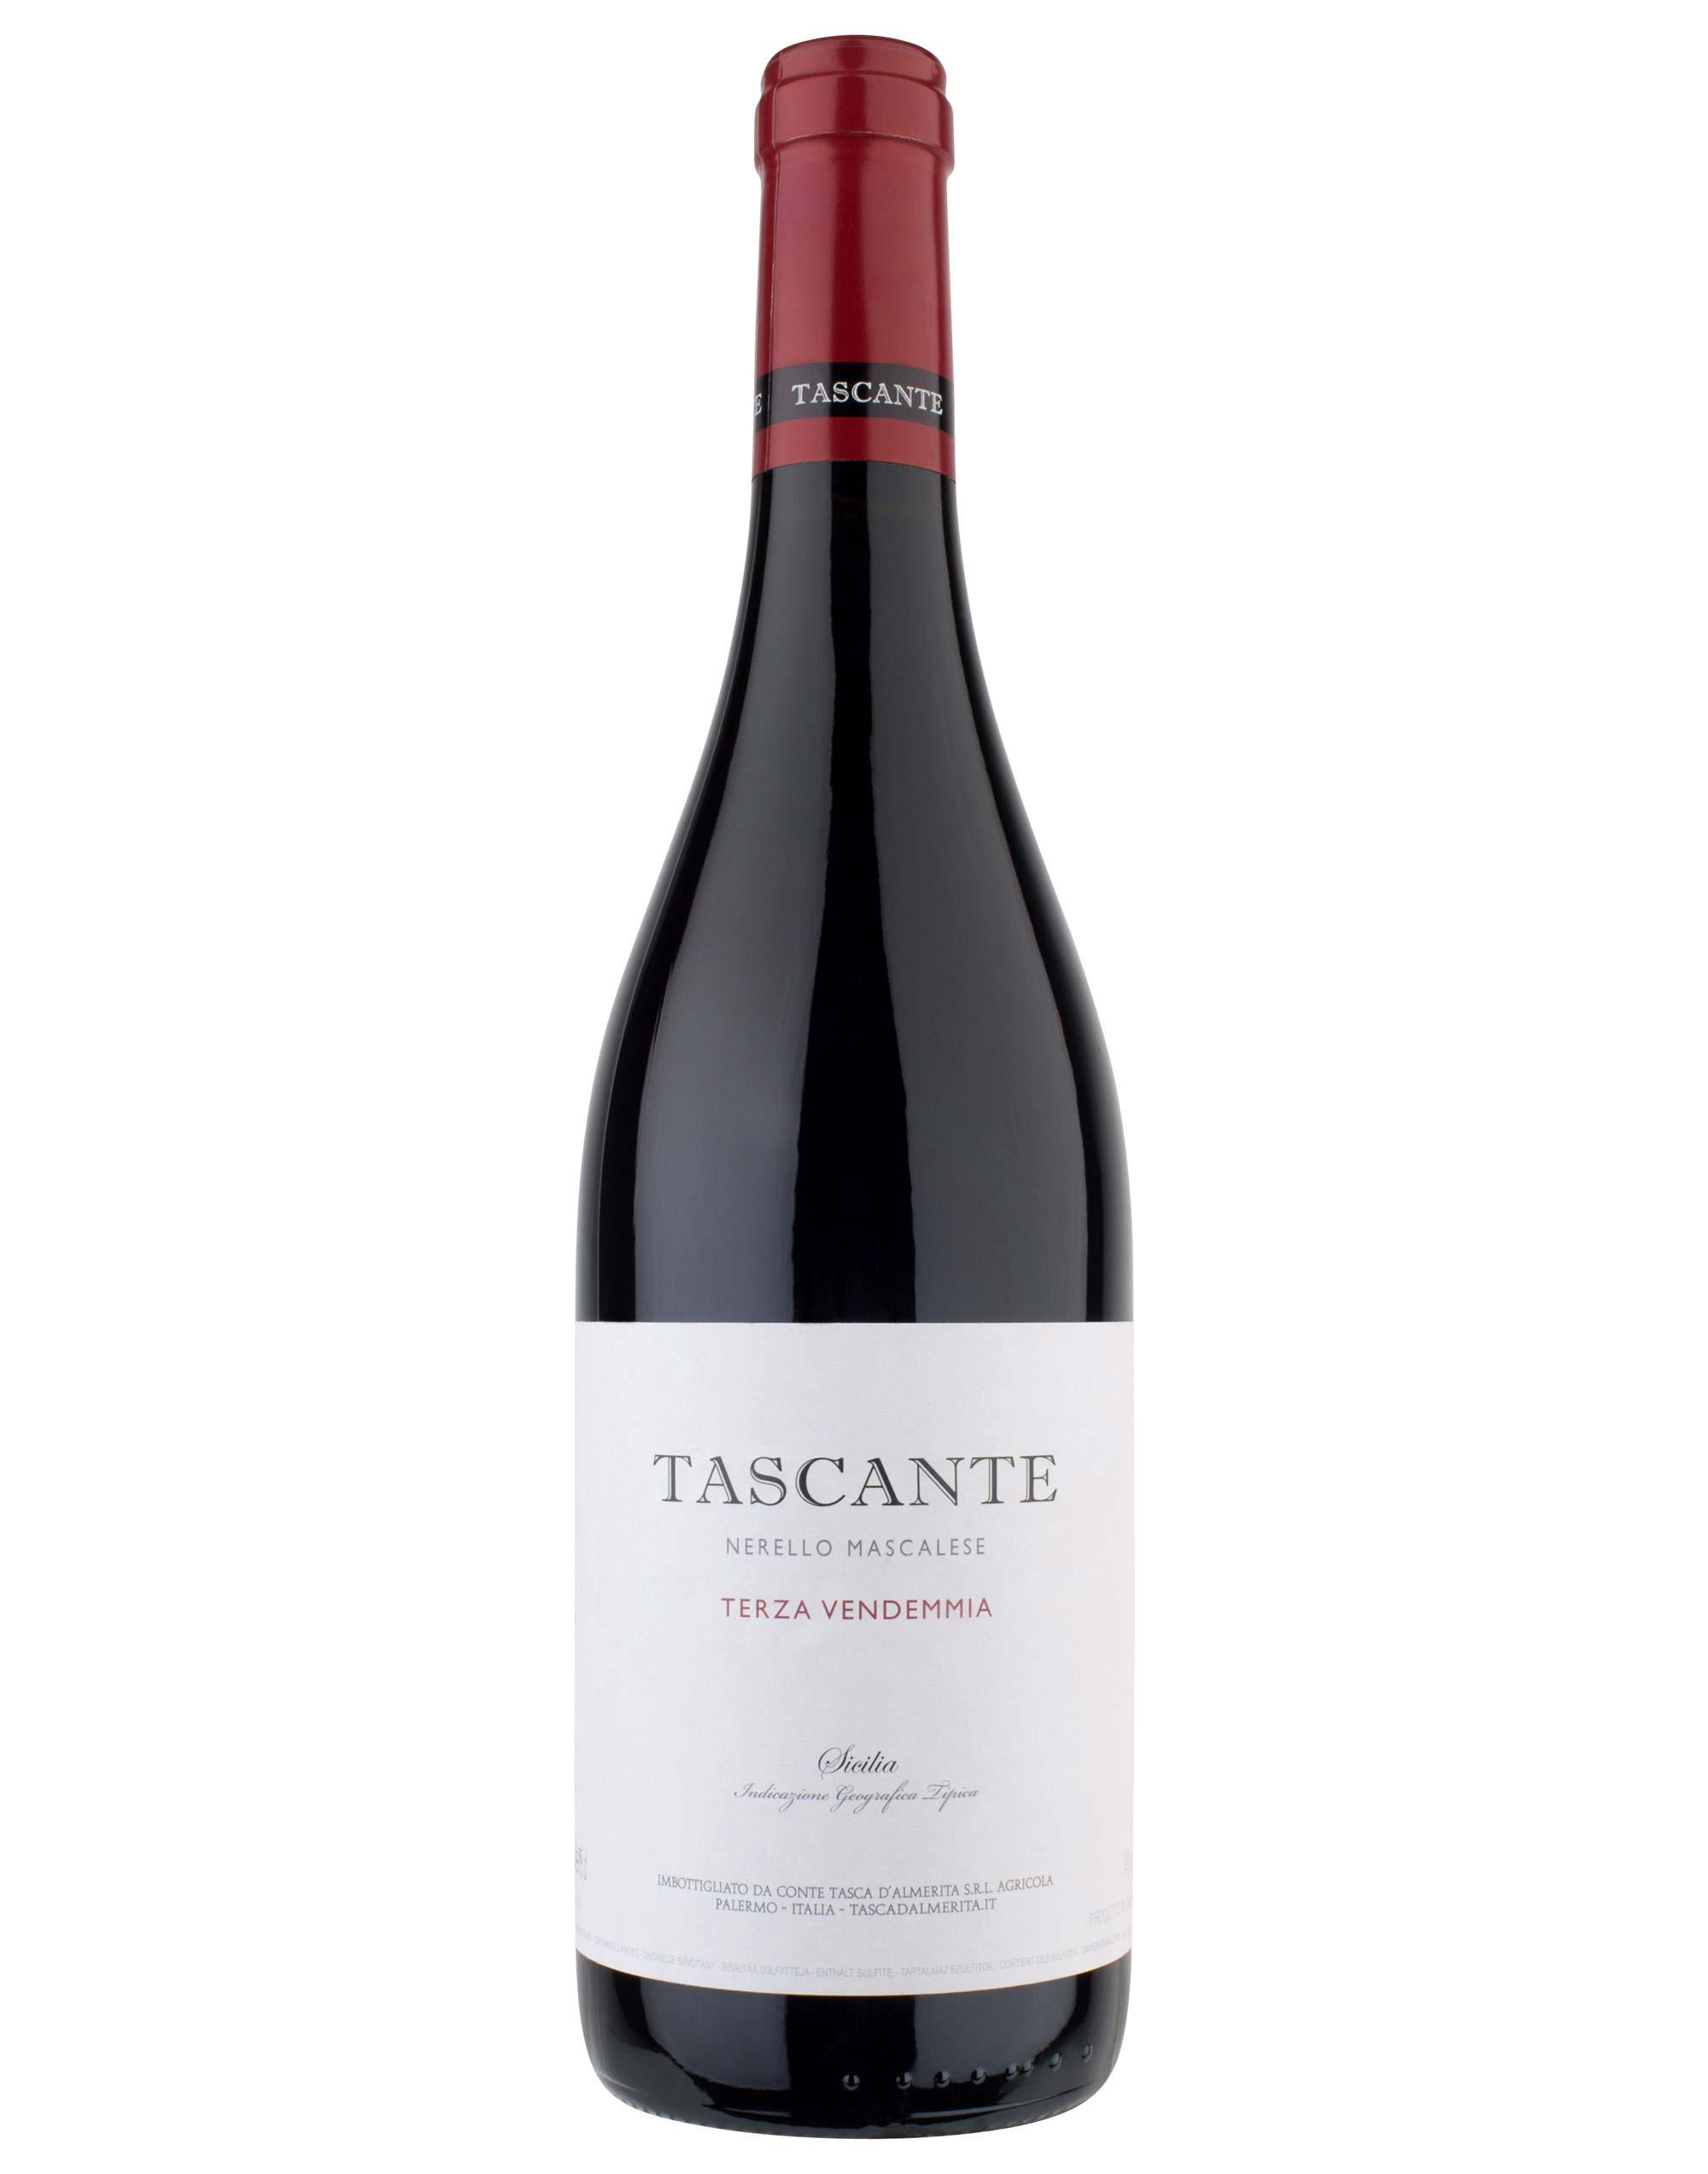 Tascante (2011) Tasca d'Almerita